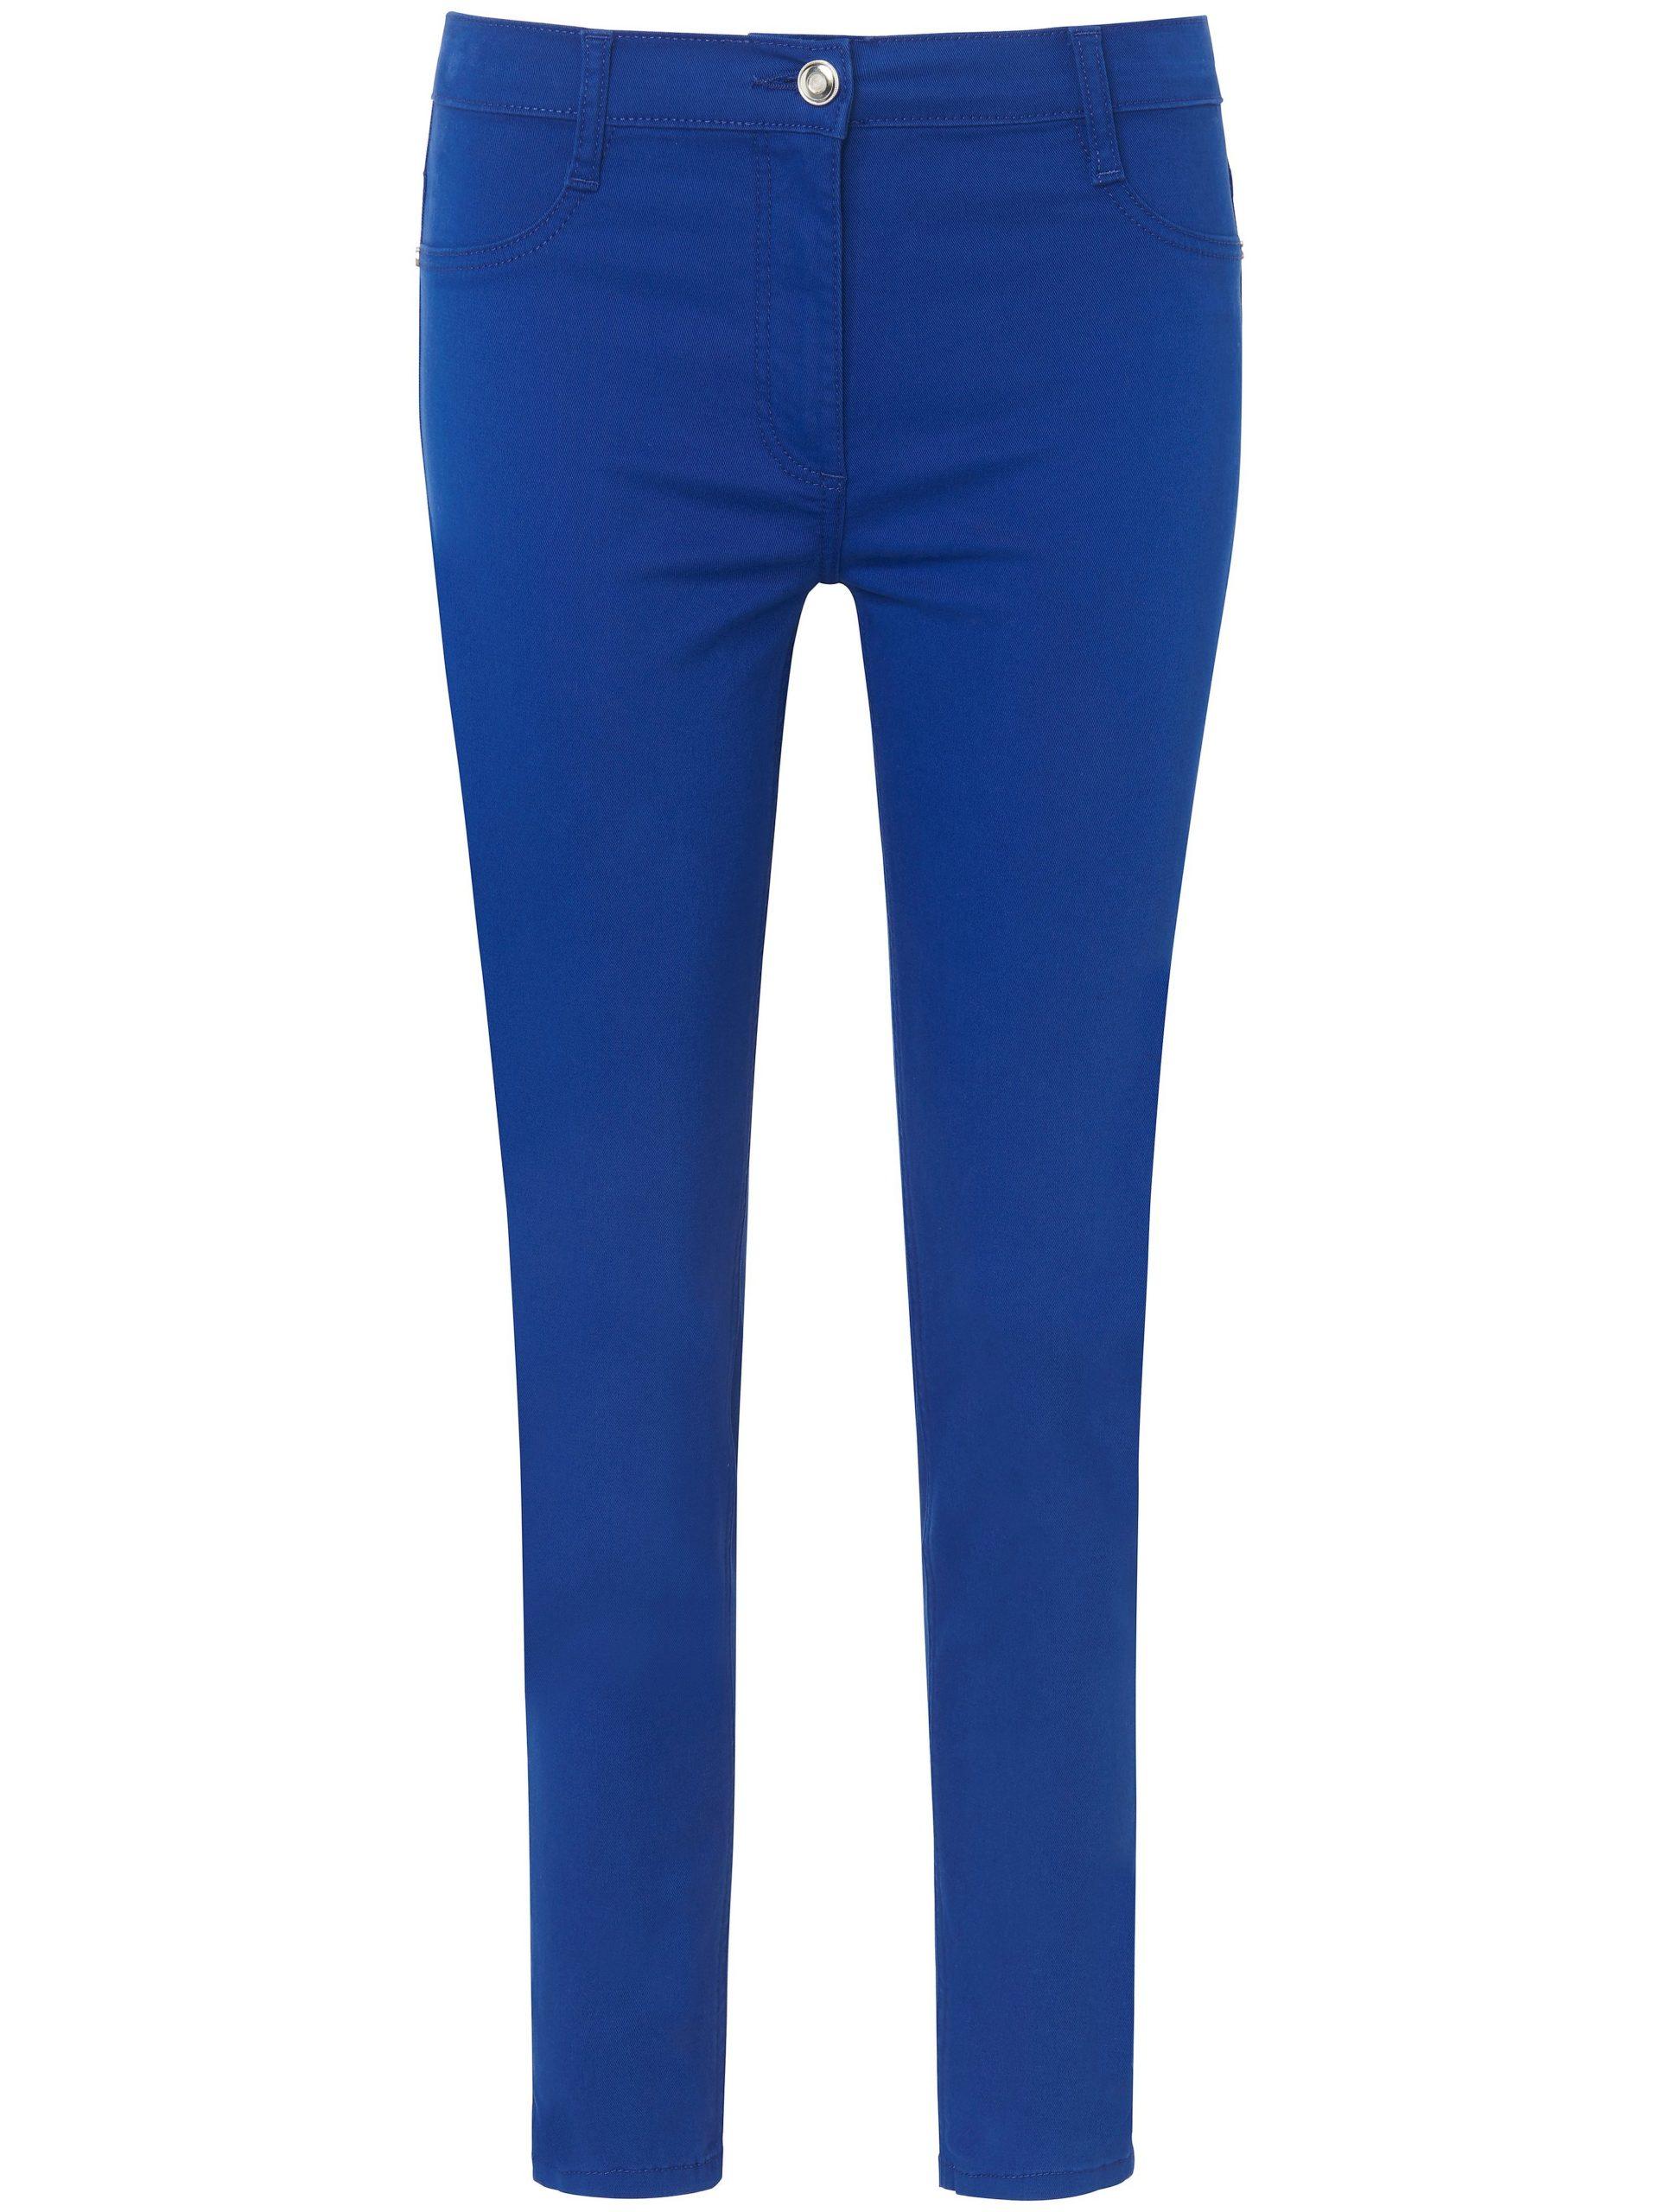 Broek in smal model Van Betty Barclay blauw Kopen